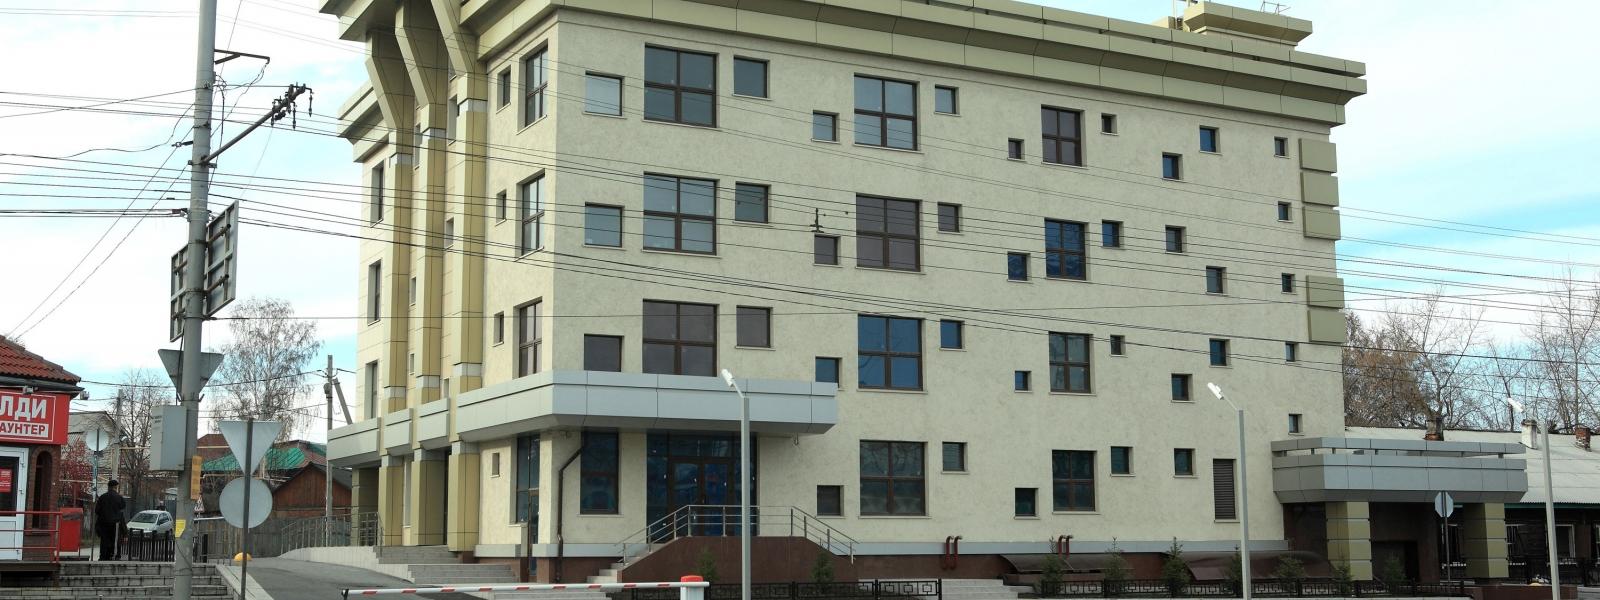 work-Общественное здание административного назначения со встроенной автостоянкой по ул. Владимировская, 25 в Железнодорожном районе Новосибирска